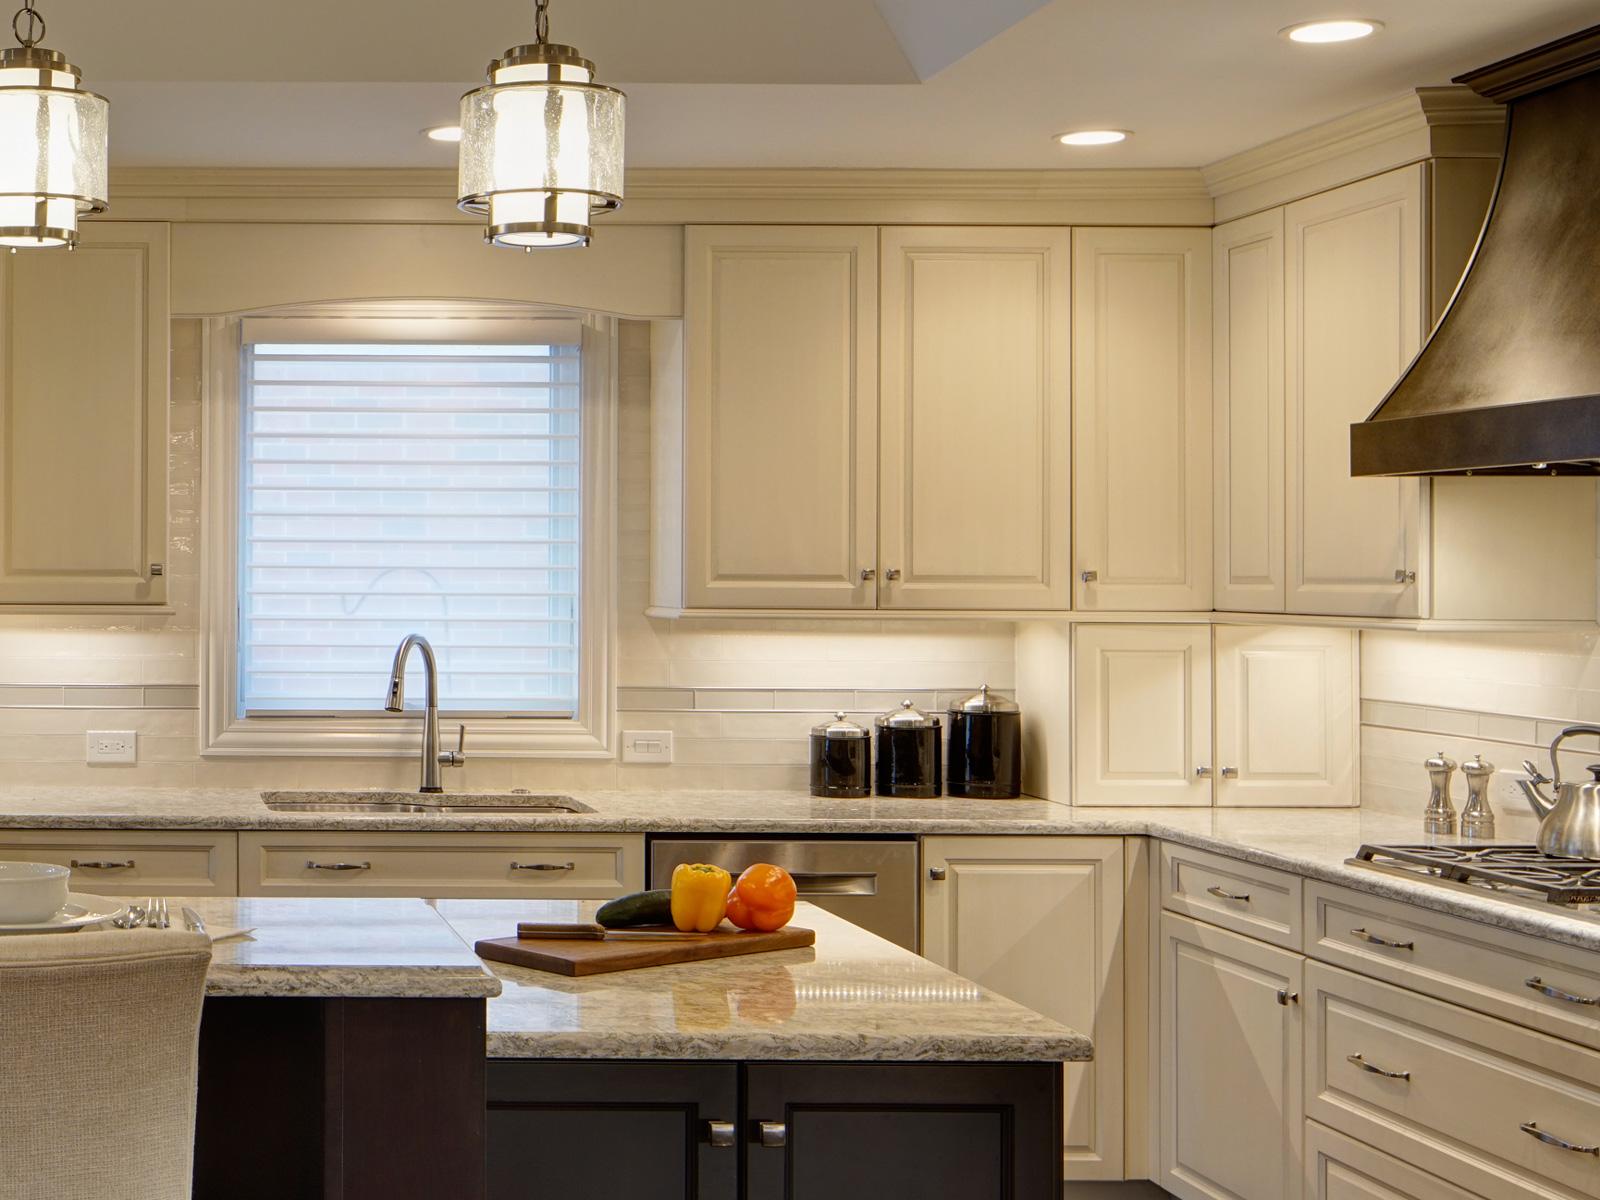 Bronzework-Studio-Drury-Design-Tradtional-Kitchen-2-1600x1200-c